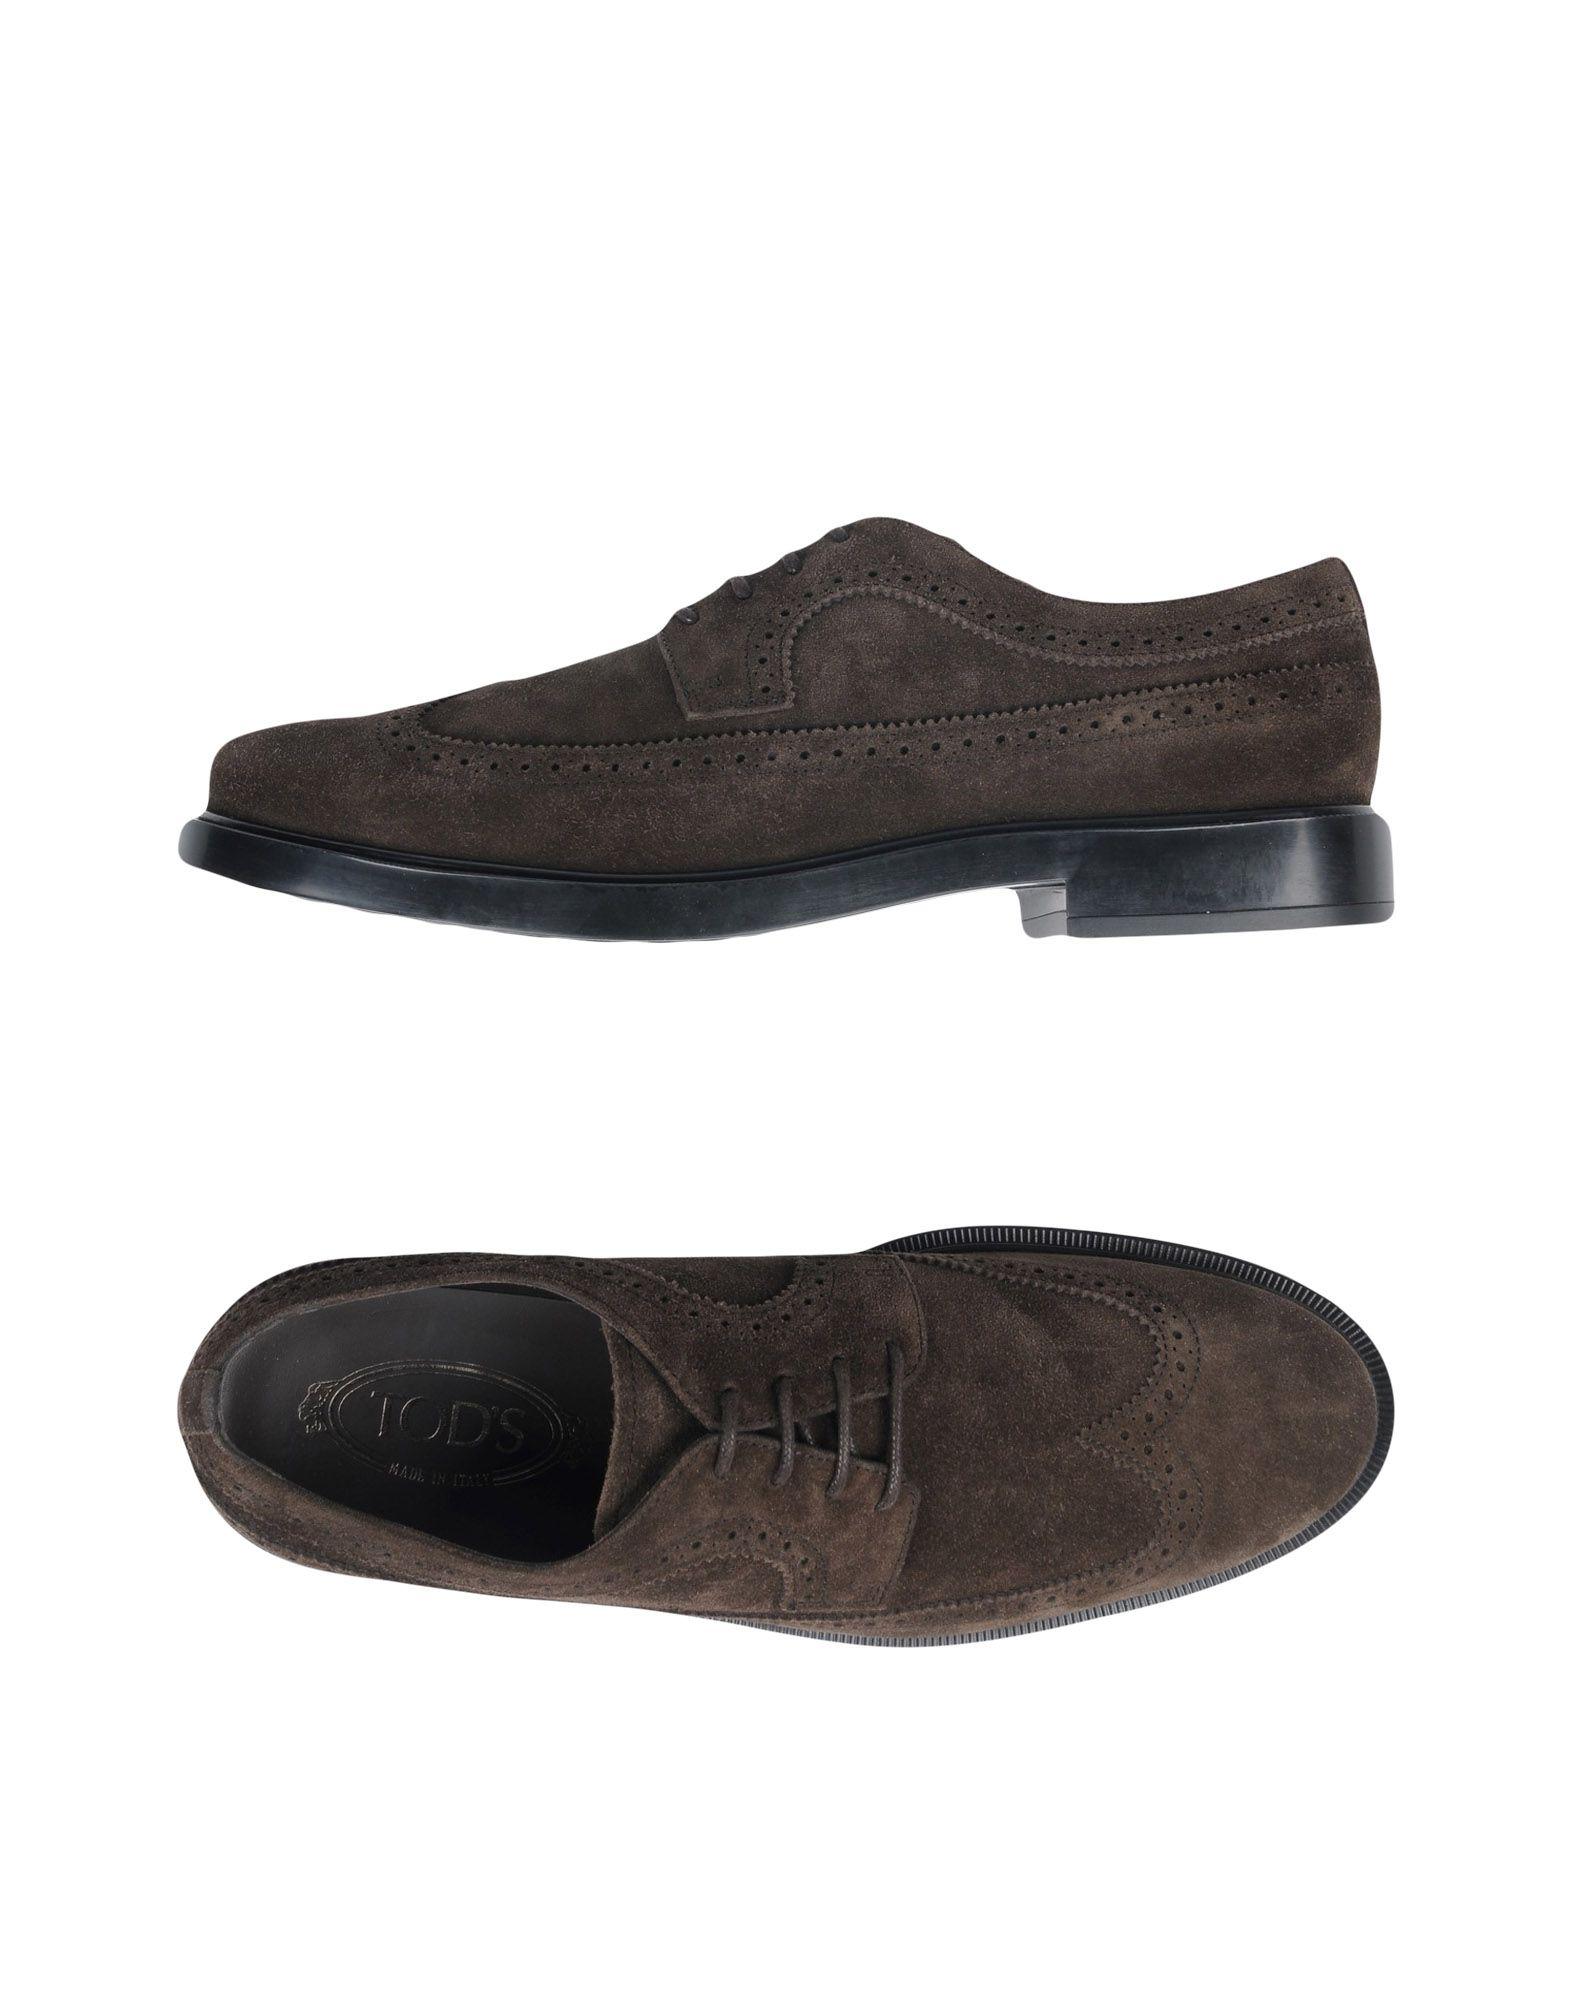 Tod's Schnürschuhe Herren  11426911NR Gute Qualität beliebte Schuhe